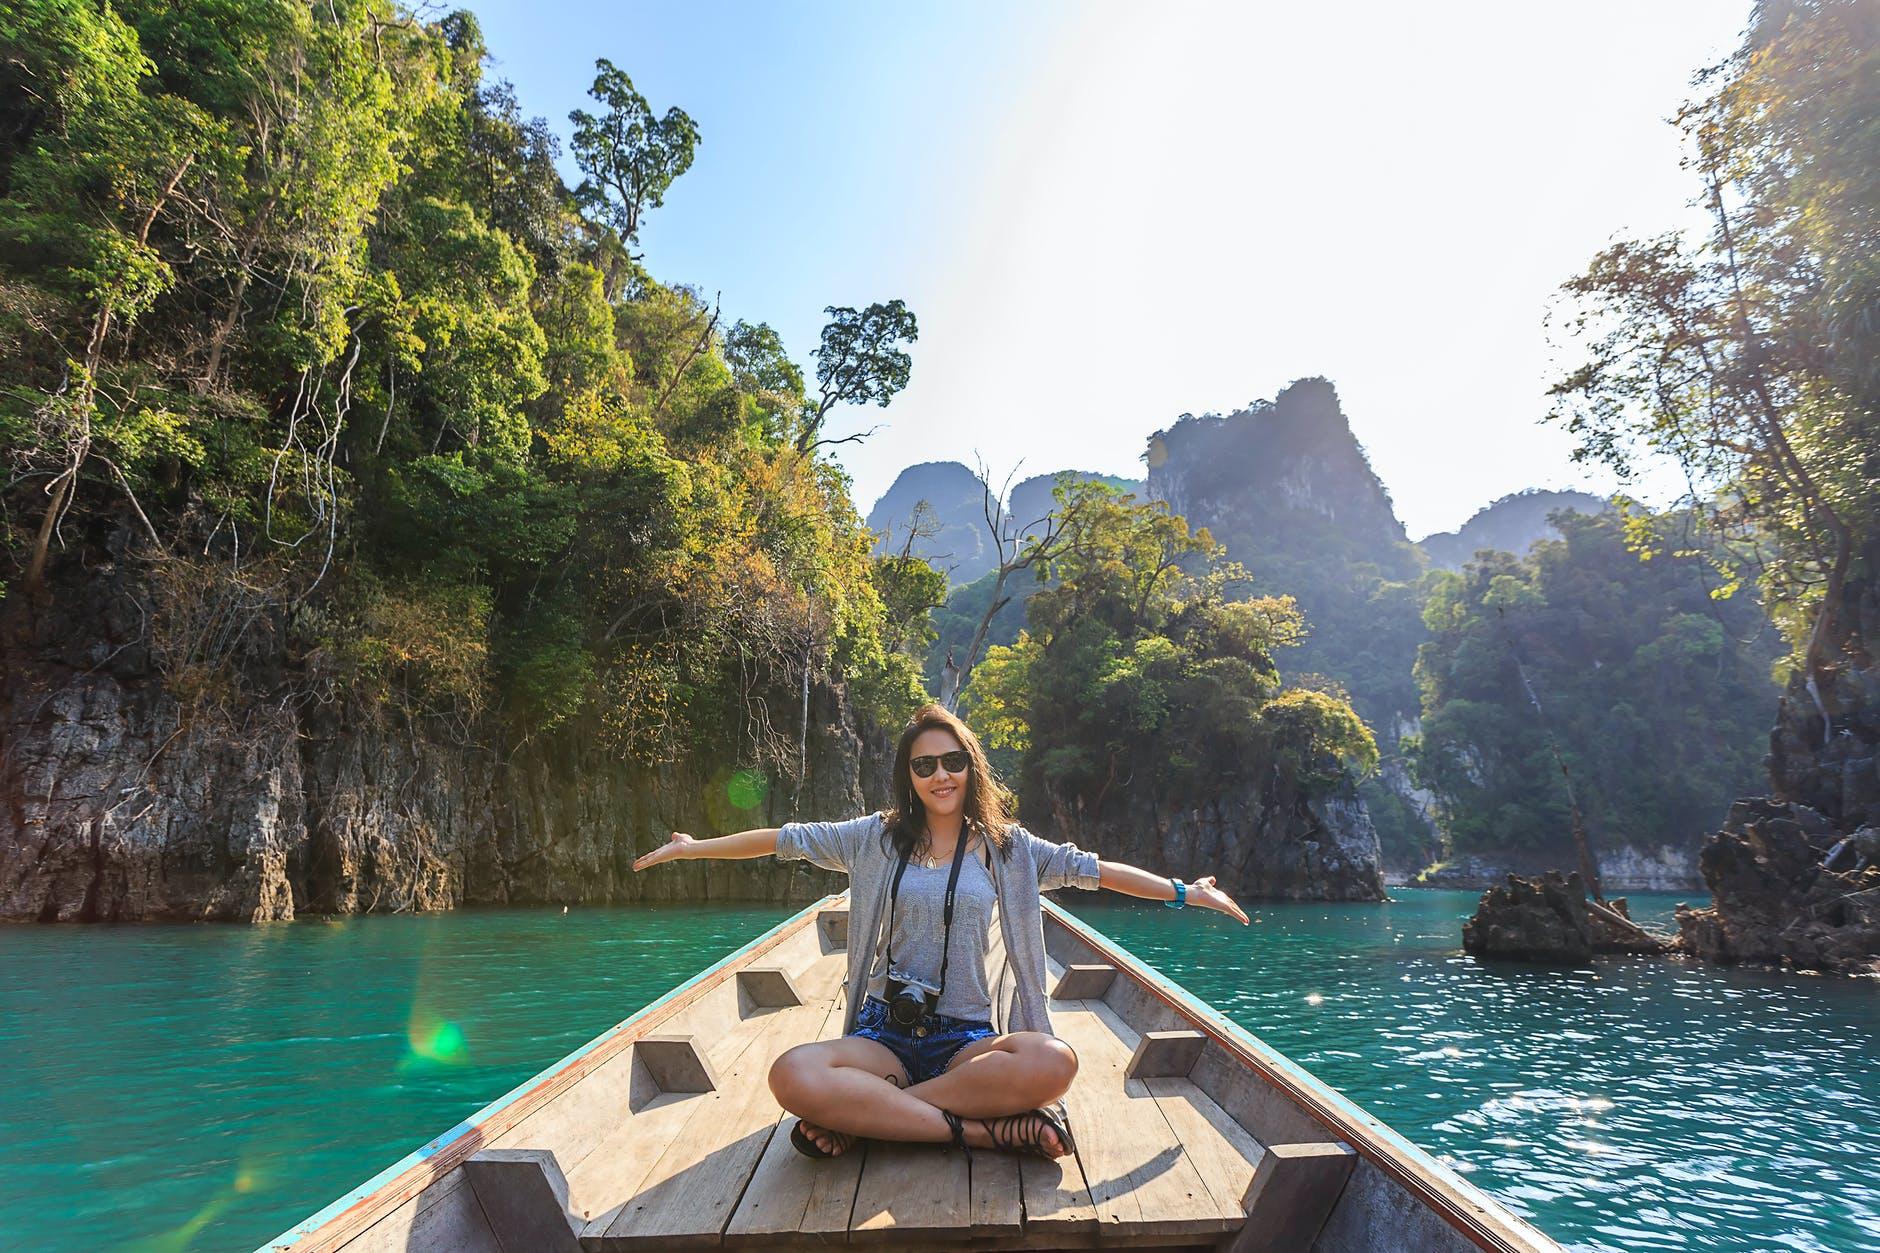 Turismo: Você já cadastrou sua empresa no sistema de informações turísticas?